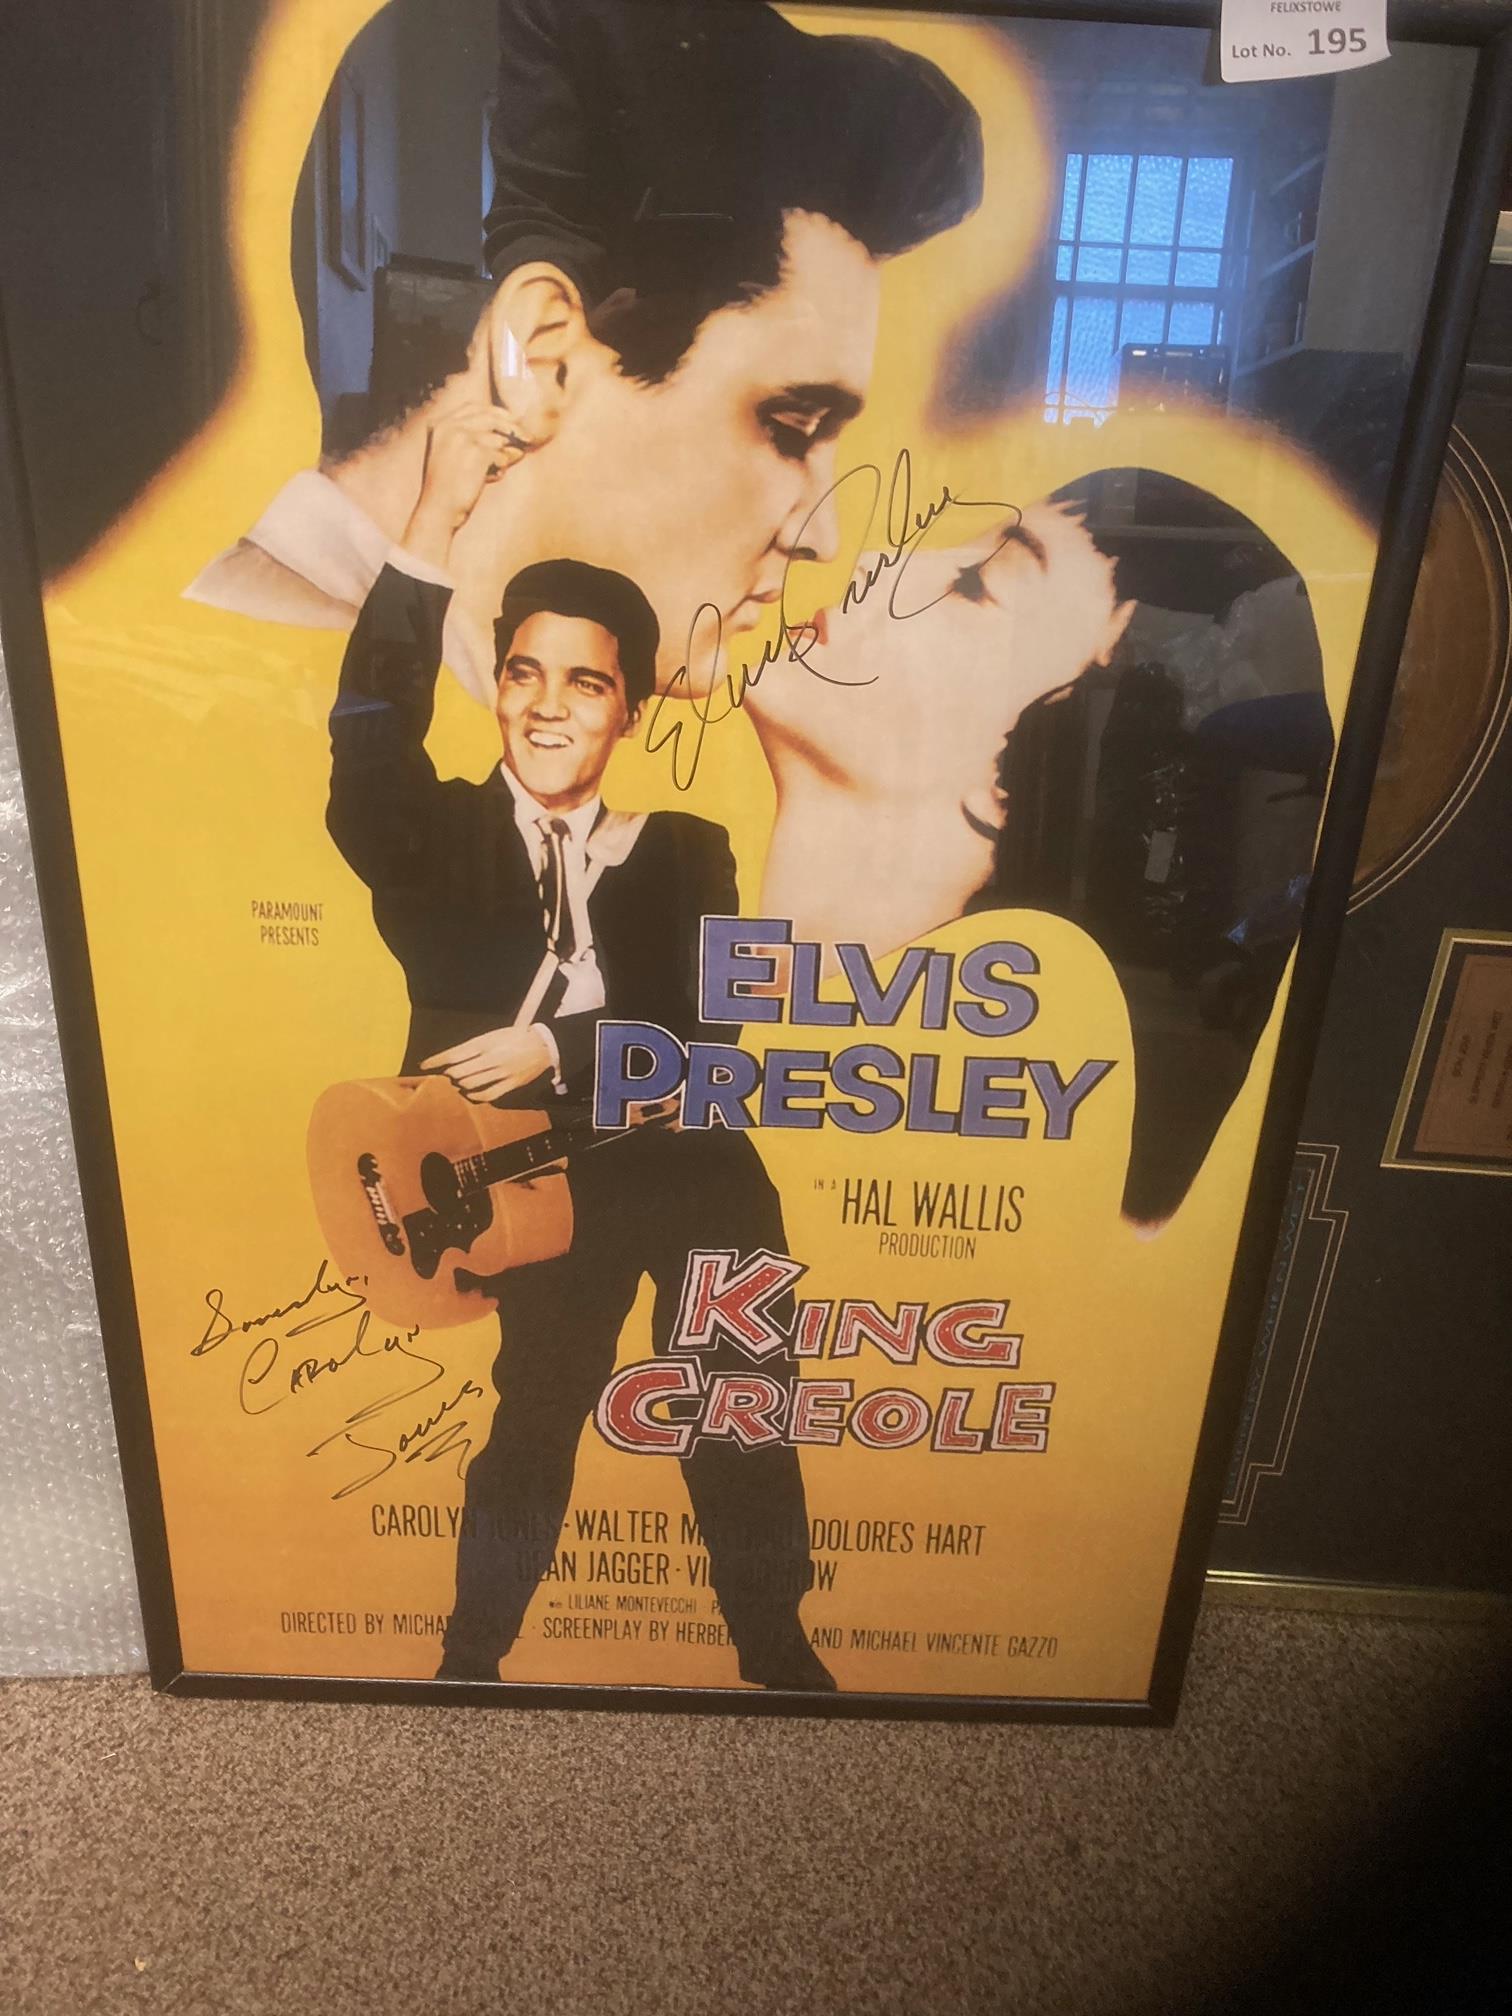 Records : ELVIS PRESLEY signed poster framed/glaze - Image 2 of 3